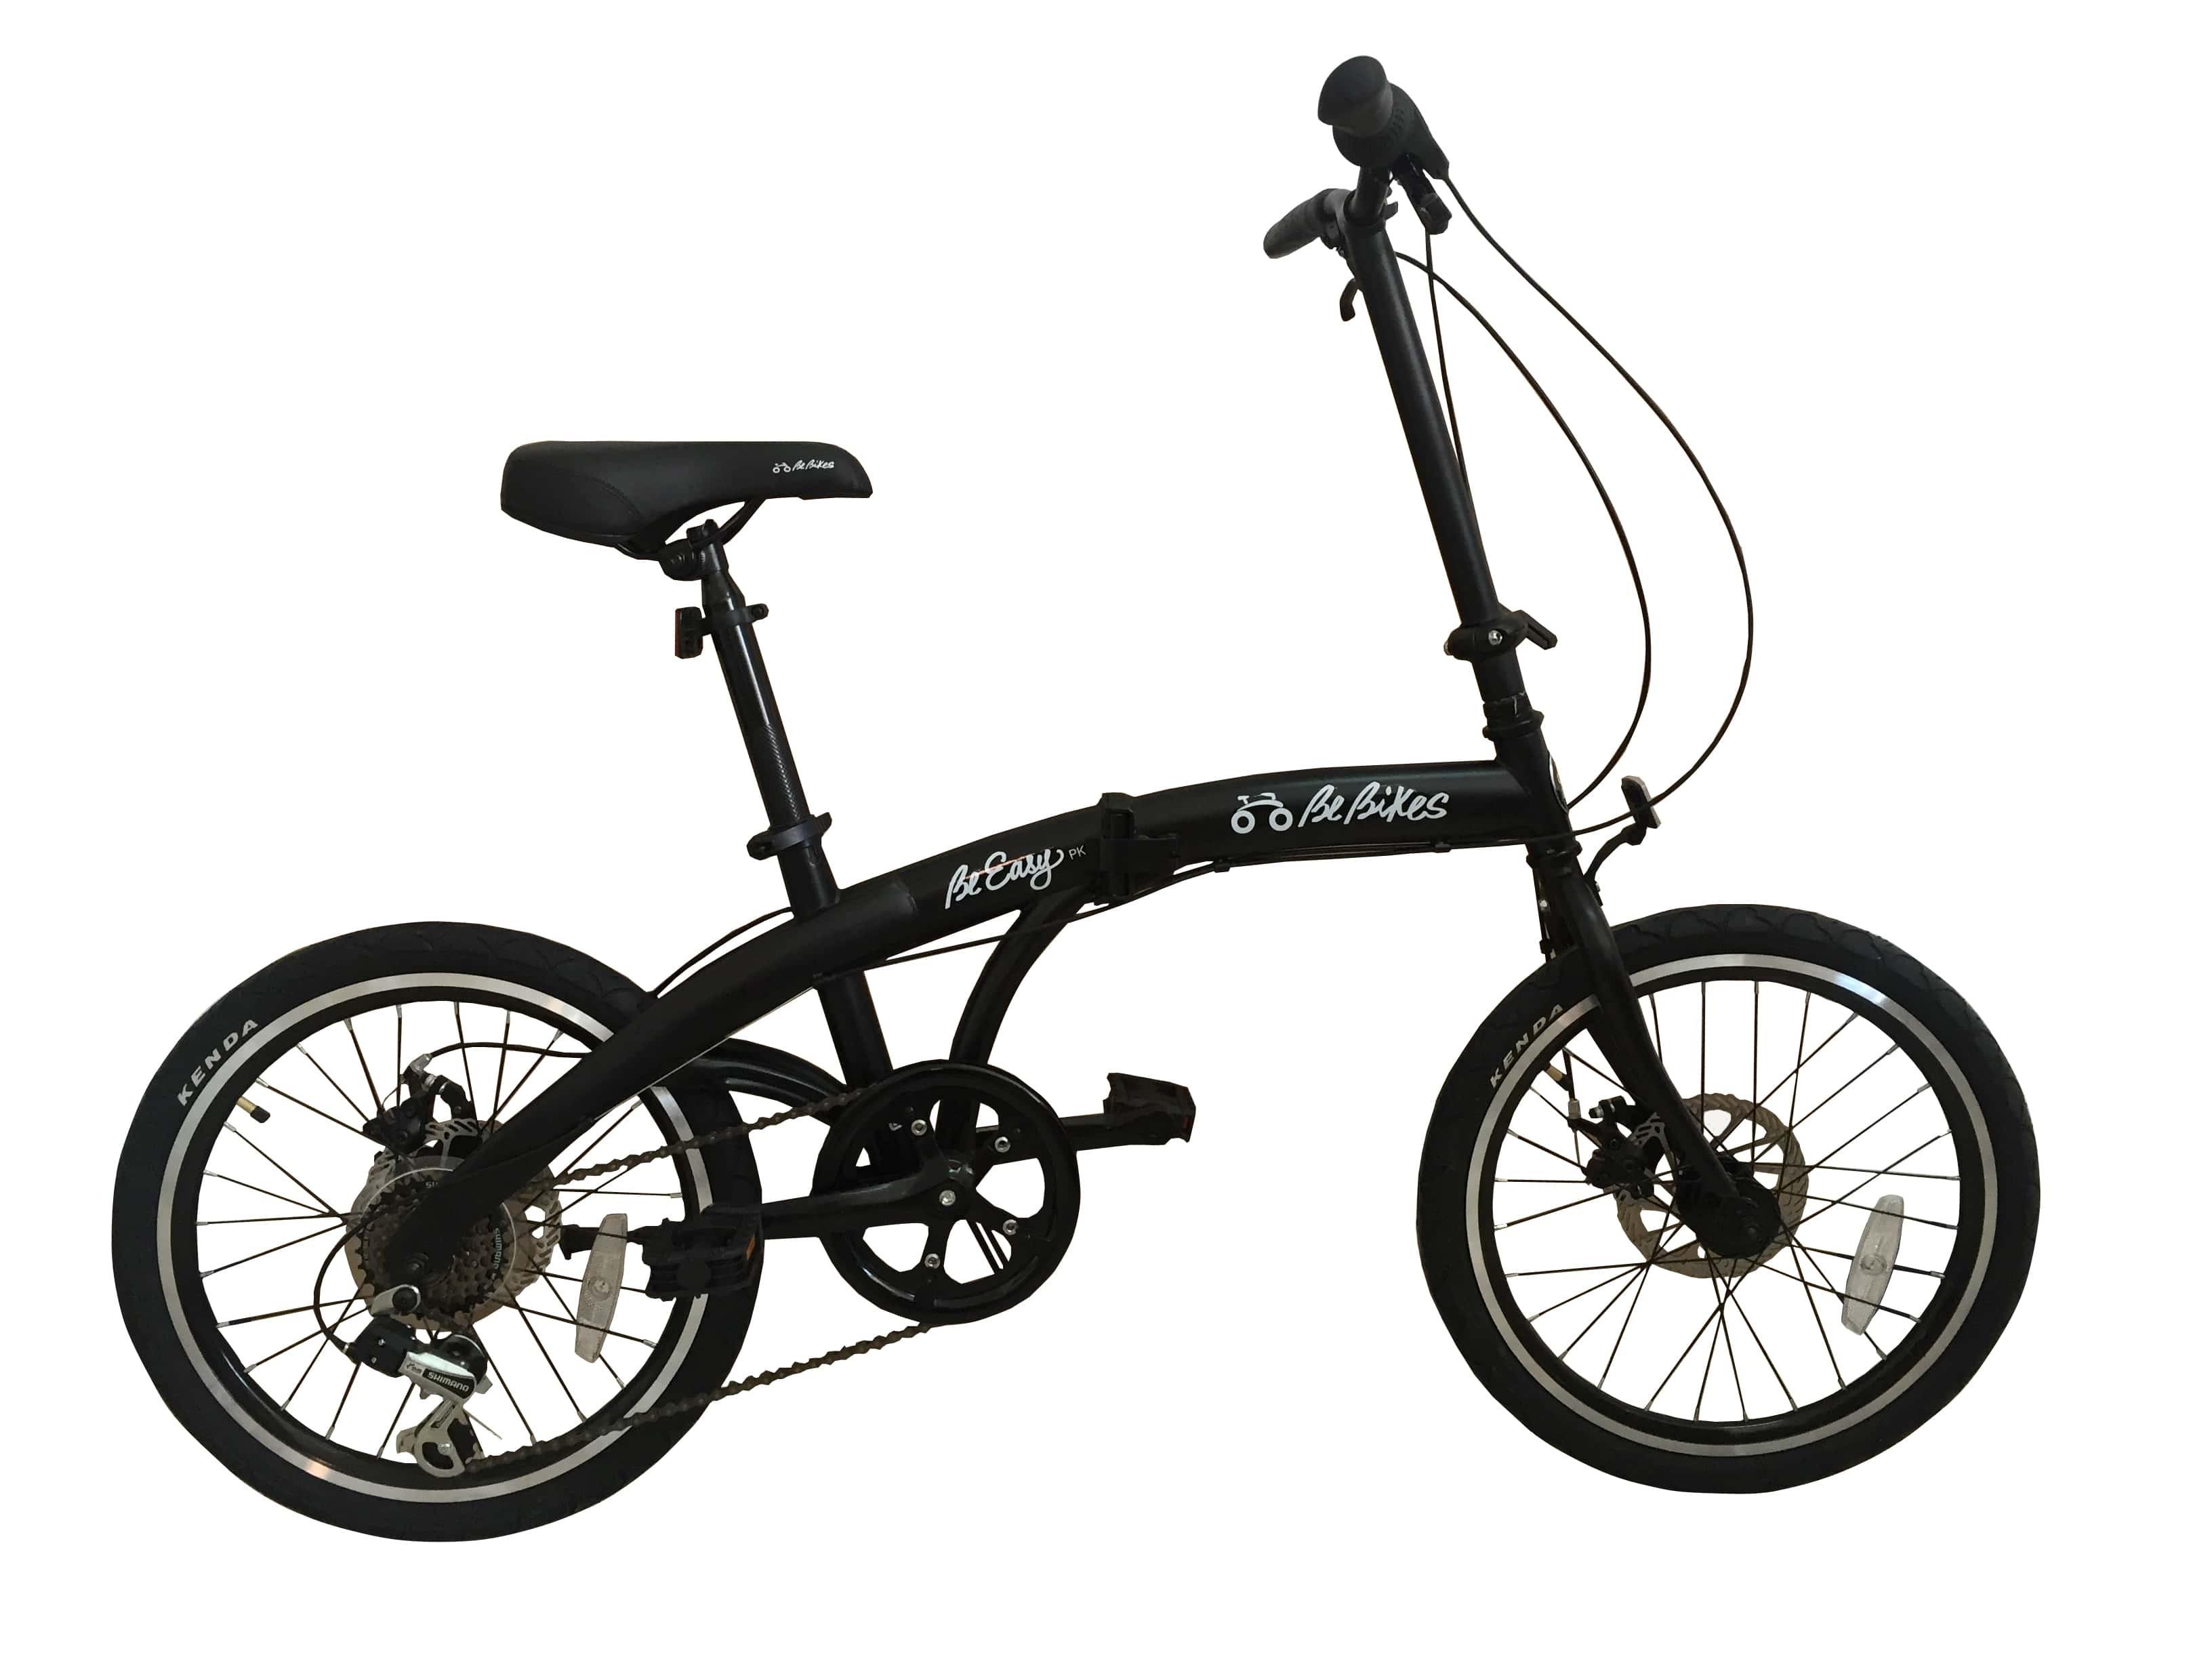 Be Easy Pieghevole.Bicicletta Pieghevole Bebikes Be Easy Bici Pieghevoli